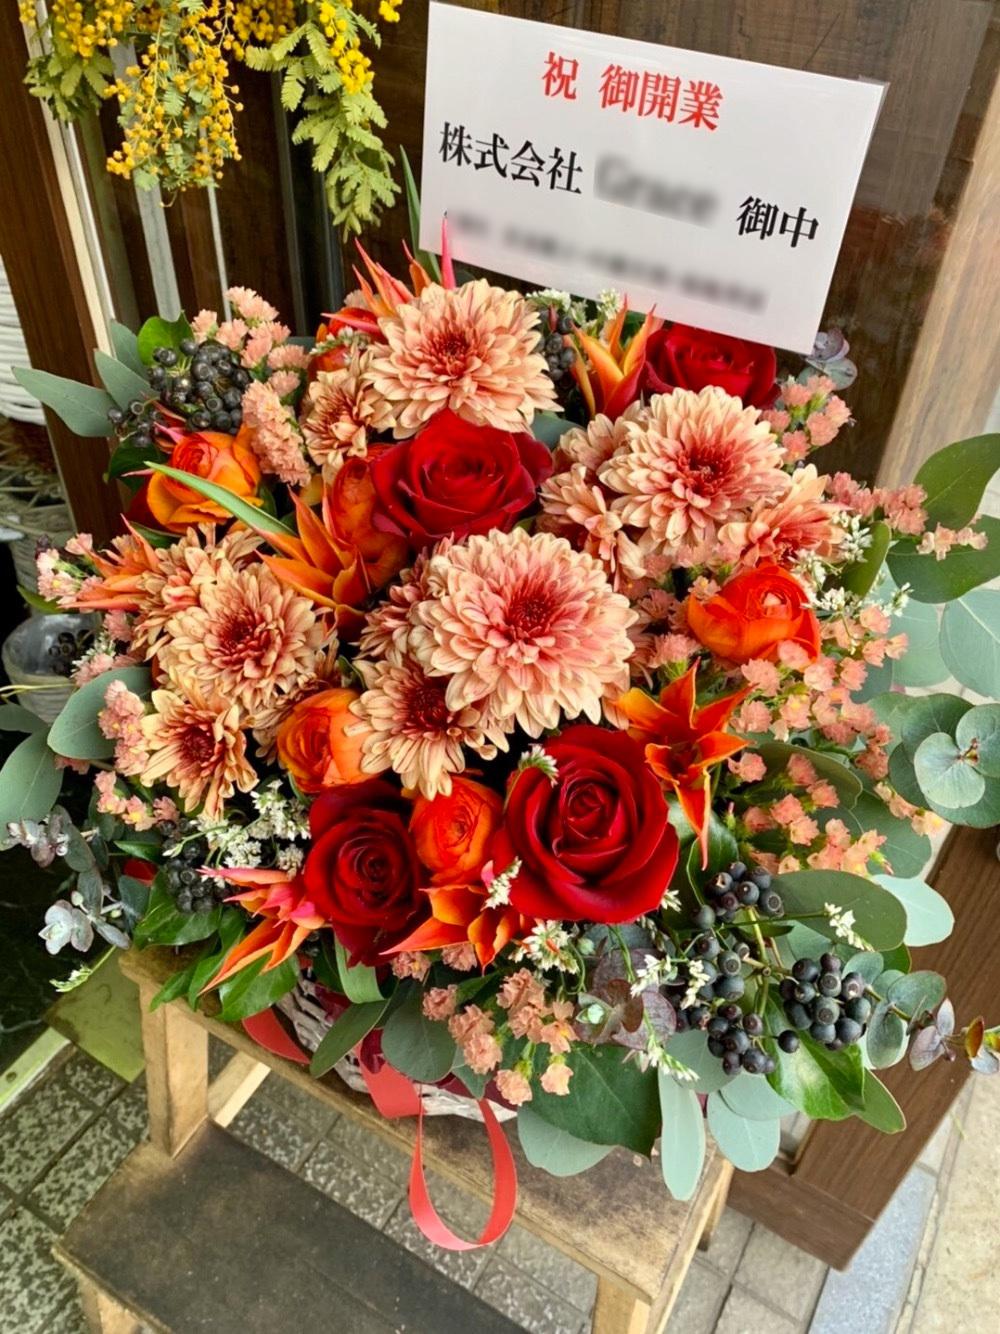 赤を基調に、社長さまの強さと暖かさを表現したご開業祝い花